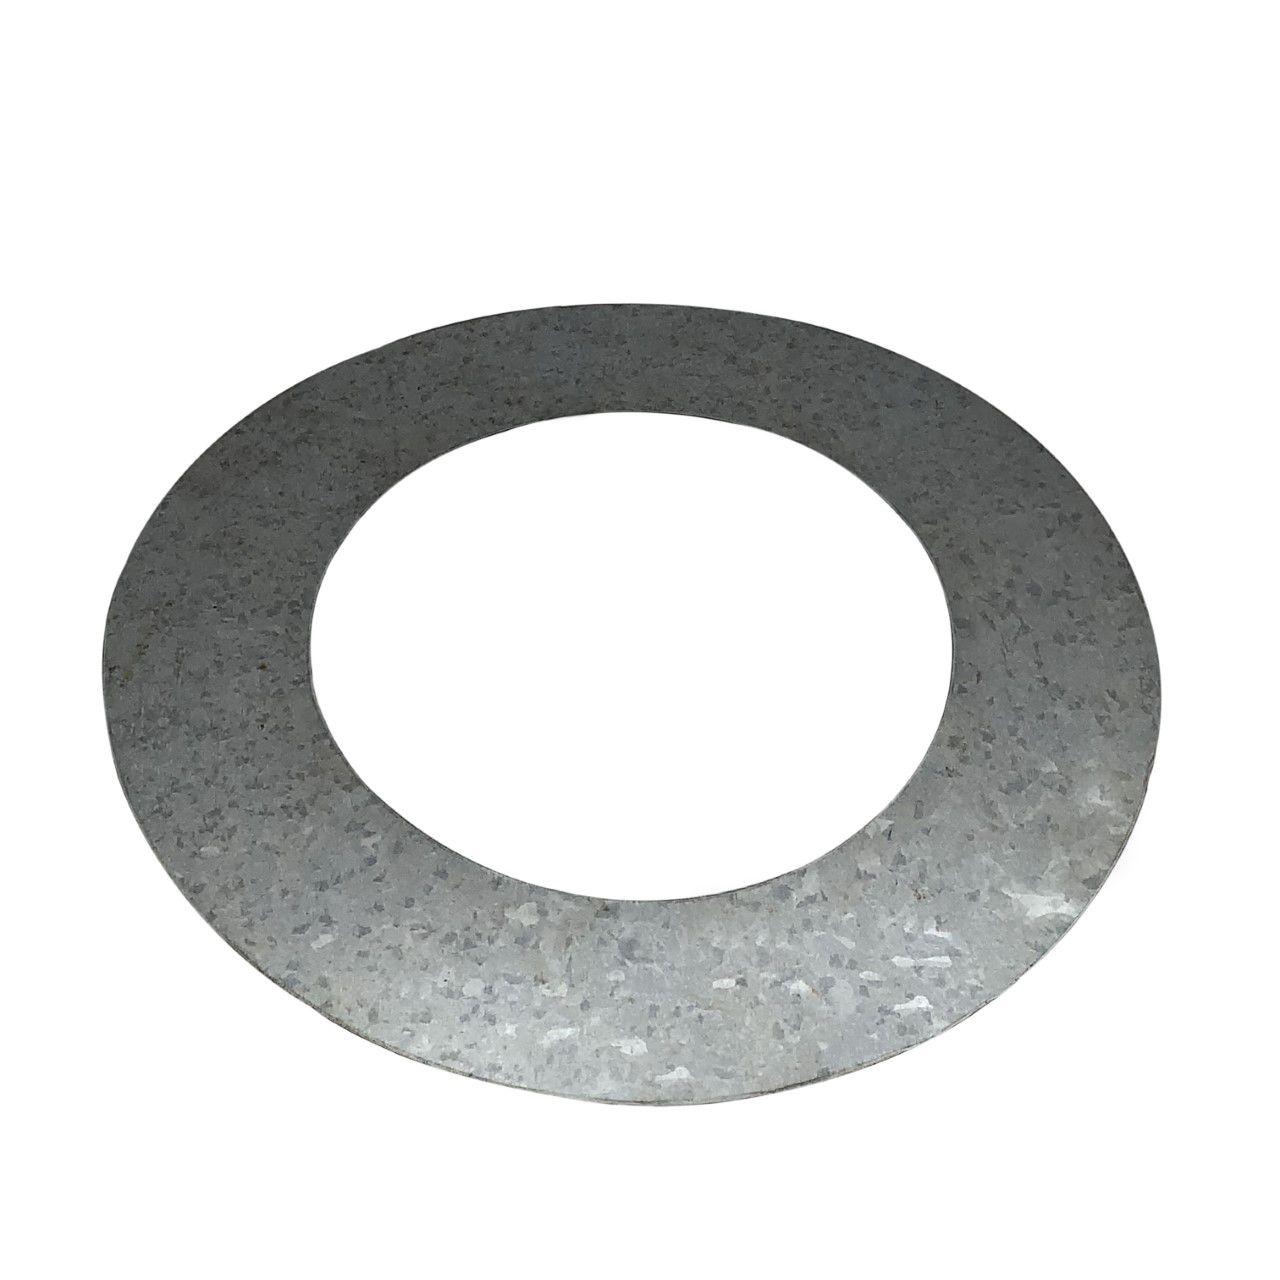 Anel de acabamento galvanizado para laje ou parede para dutos de 150 mm de diâmetro  - Galvocalhas